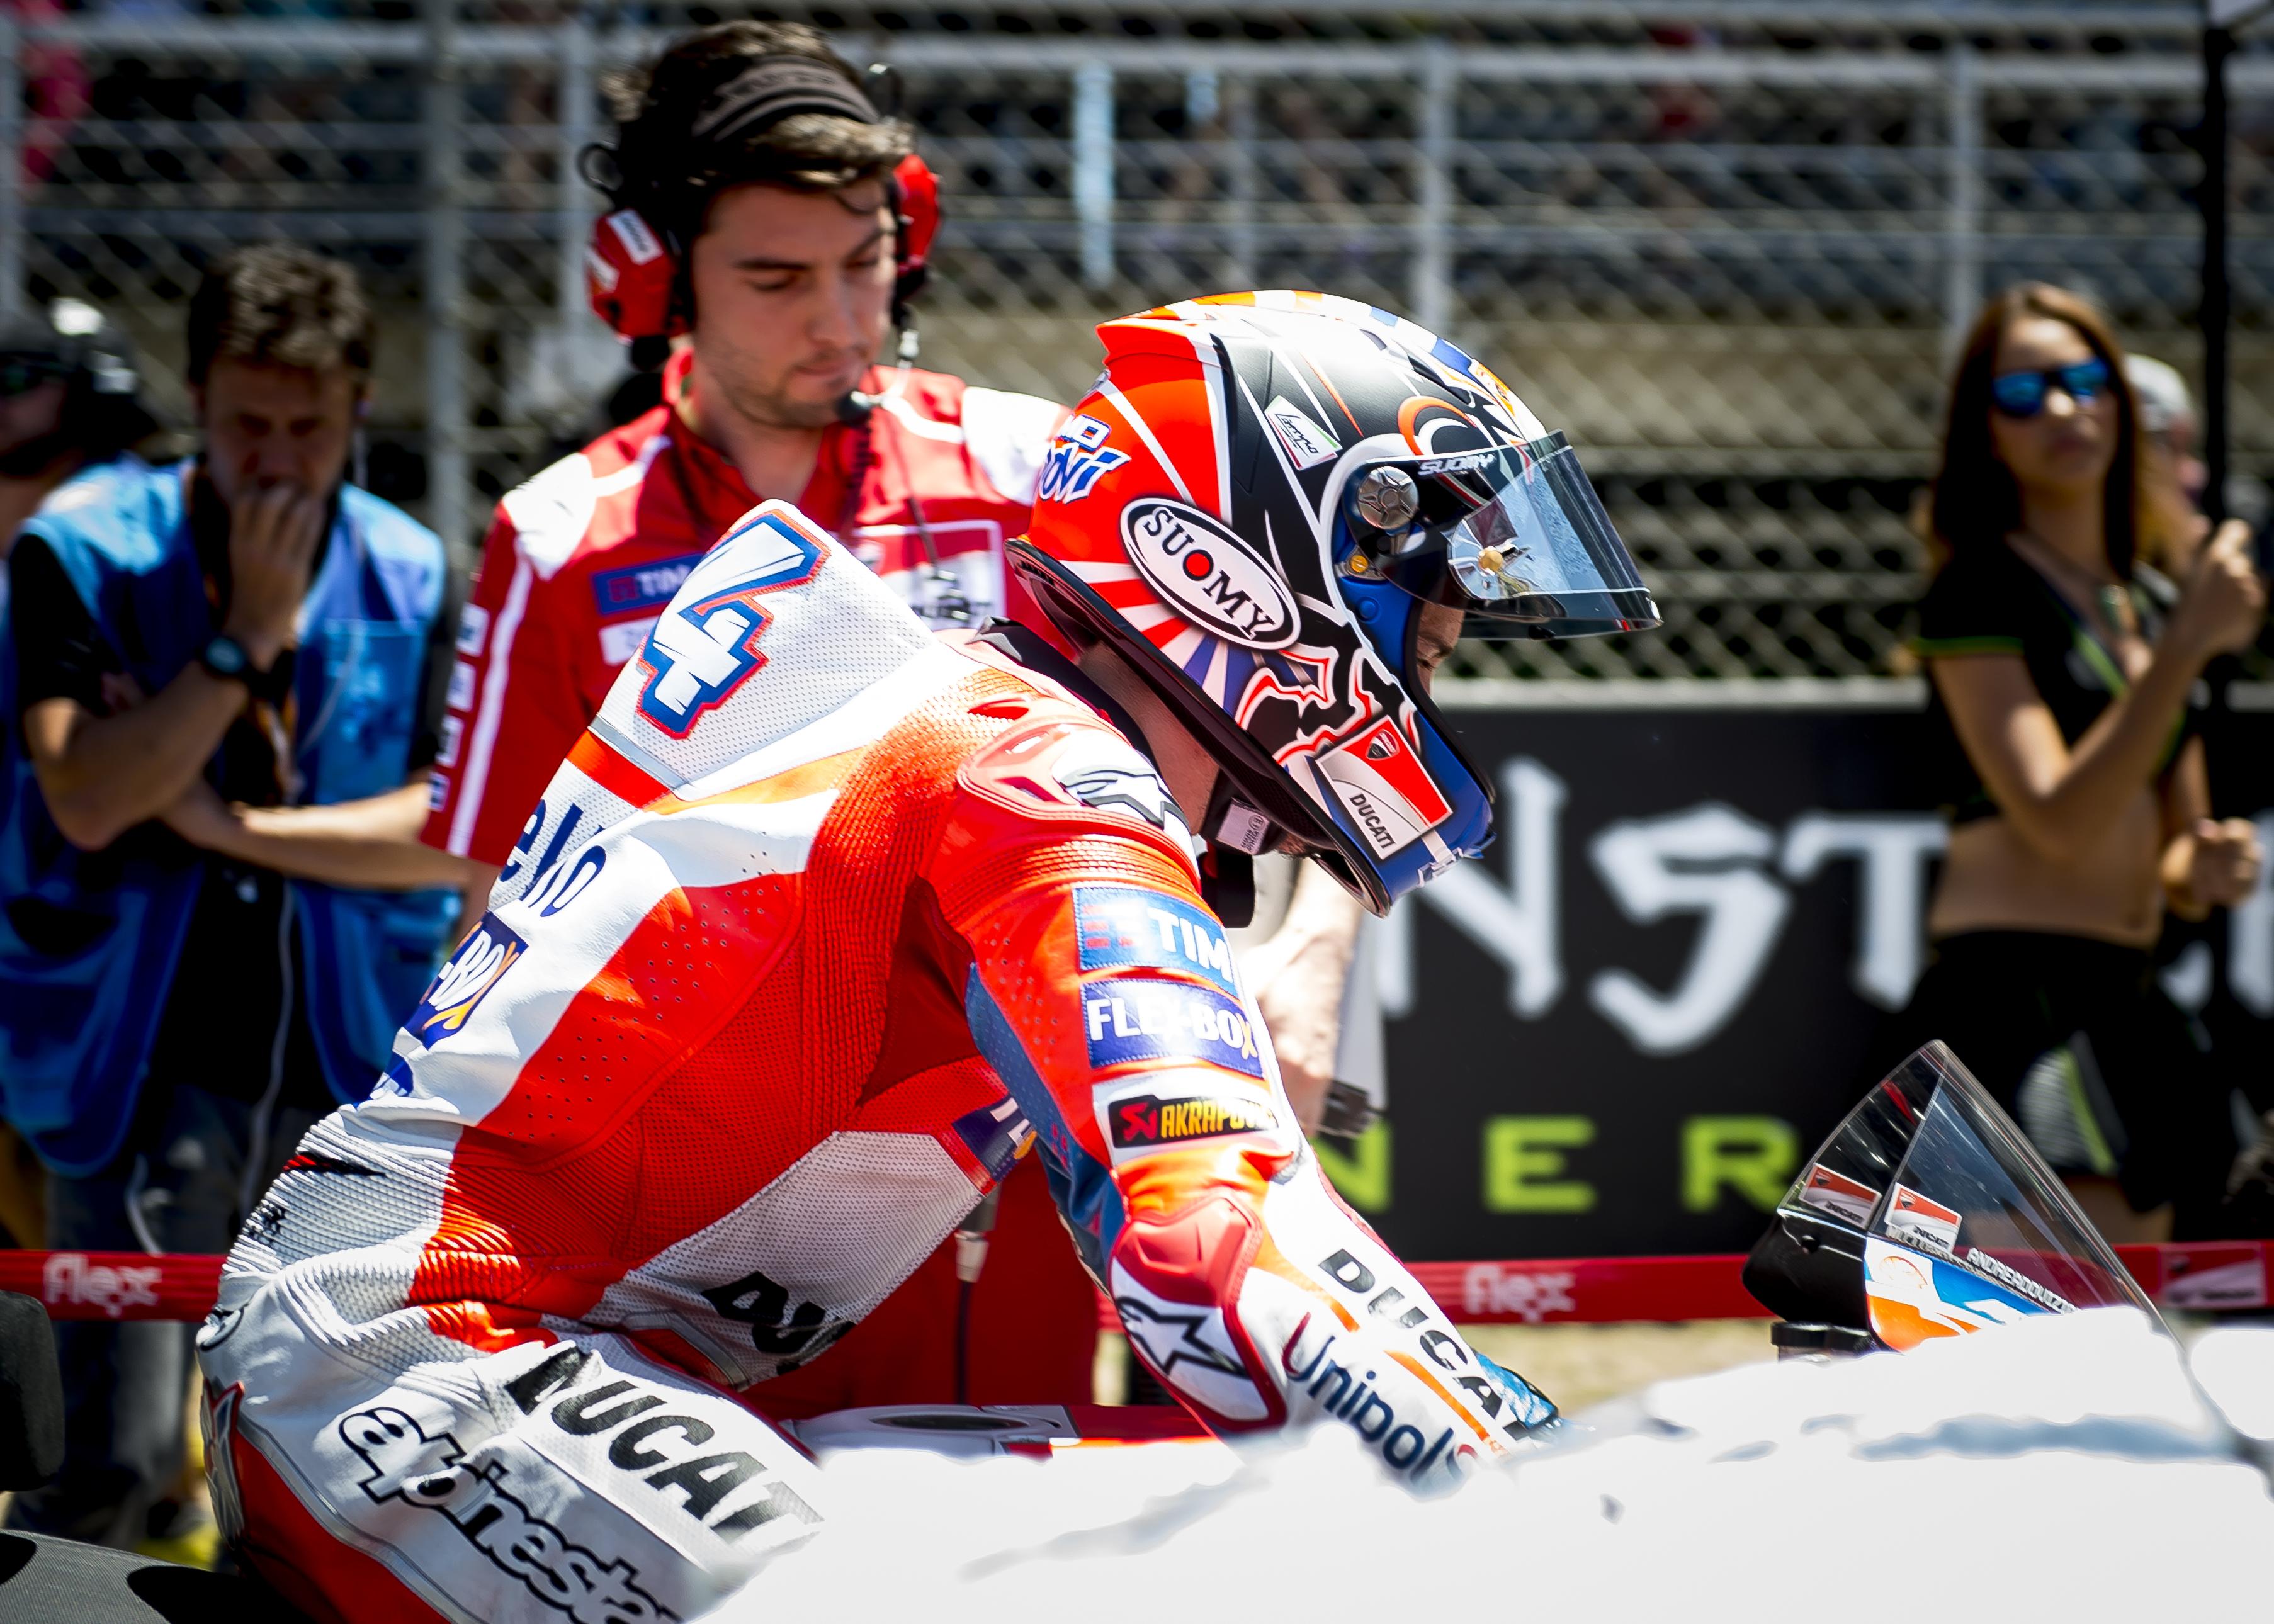 Segunda victoria consecutiva para Ducati con Dovizioso